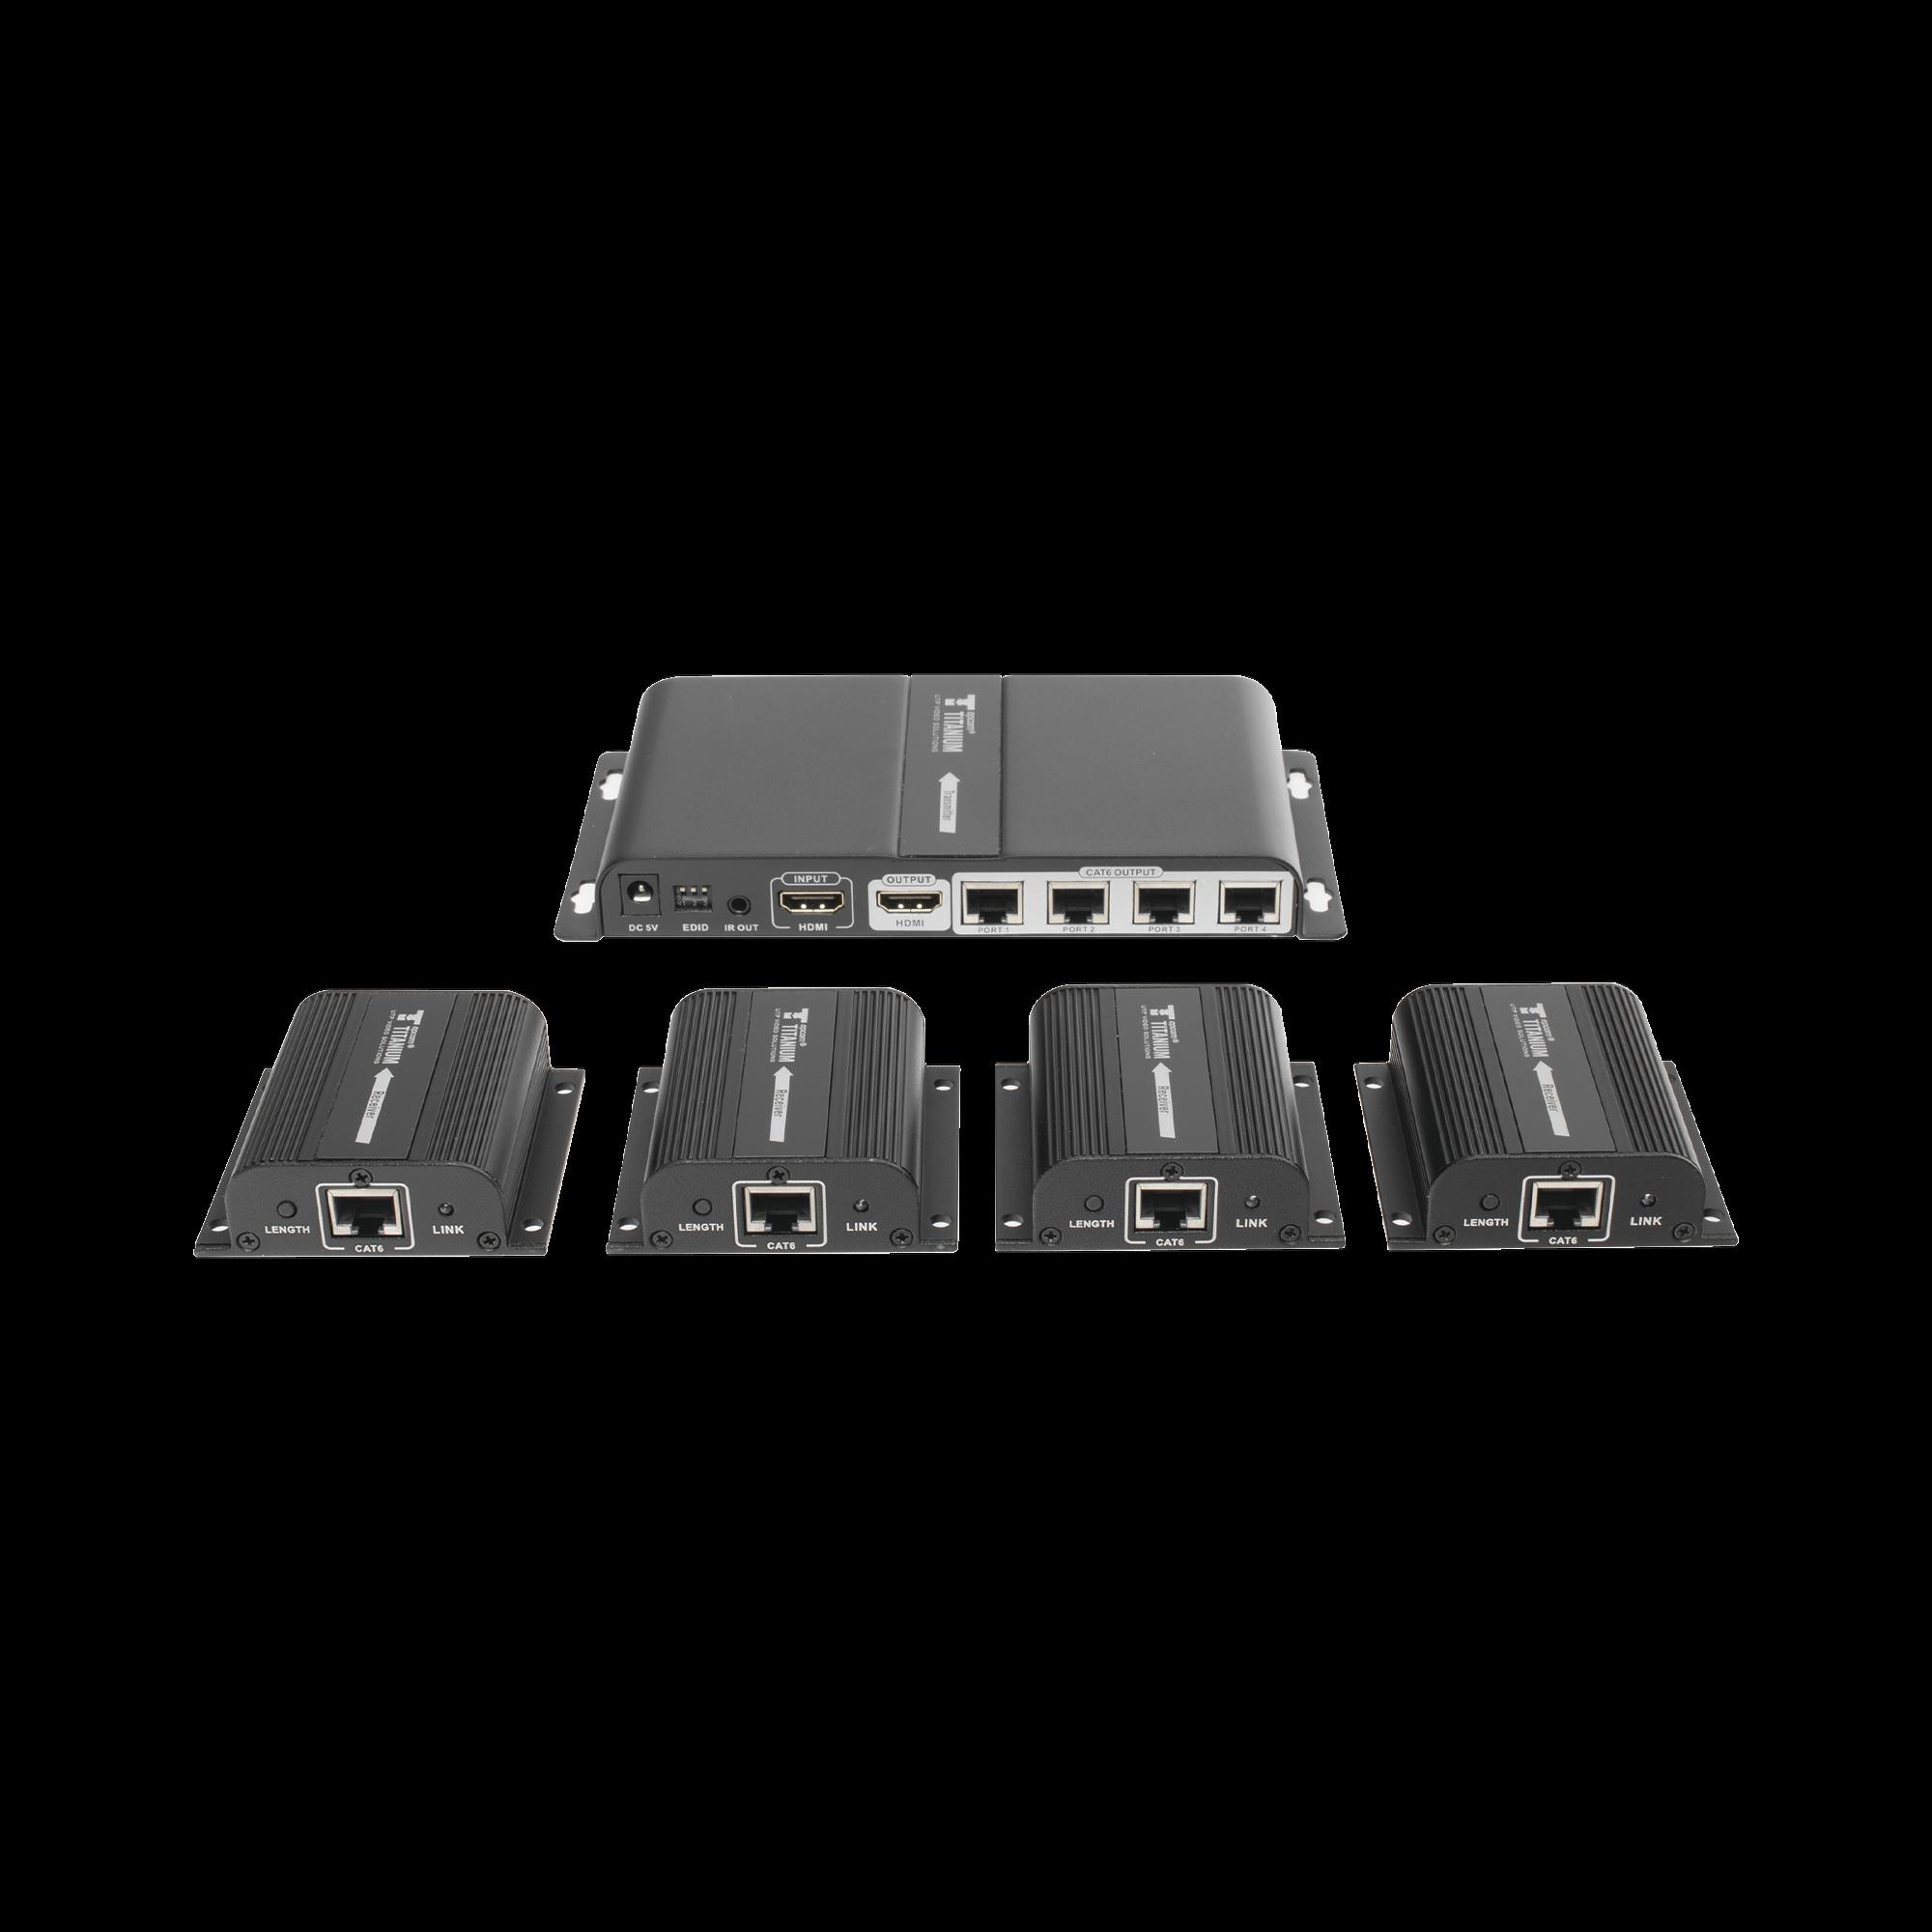 Kit de distribuidor HDMI de 1 Fuente HDMI a 4 Pantallas HDMI @ 1080p distancia de transmisión de hasta 40 m con CAT6 / 6a / 7 cuenta con salida local HDMI y control IR